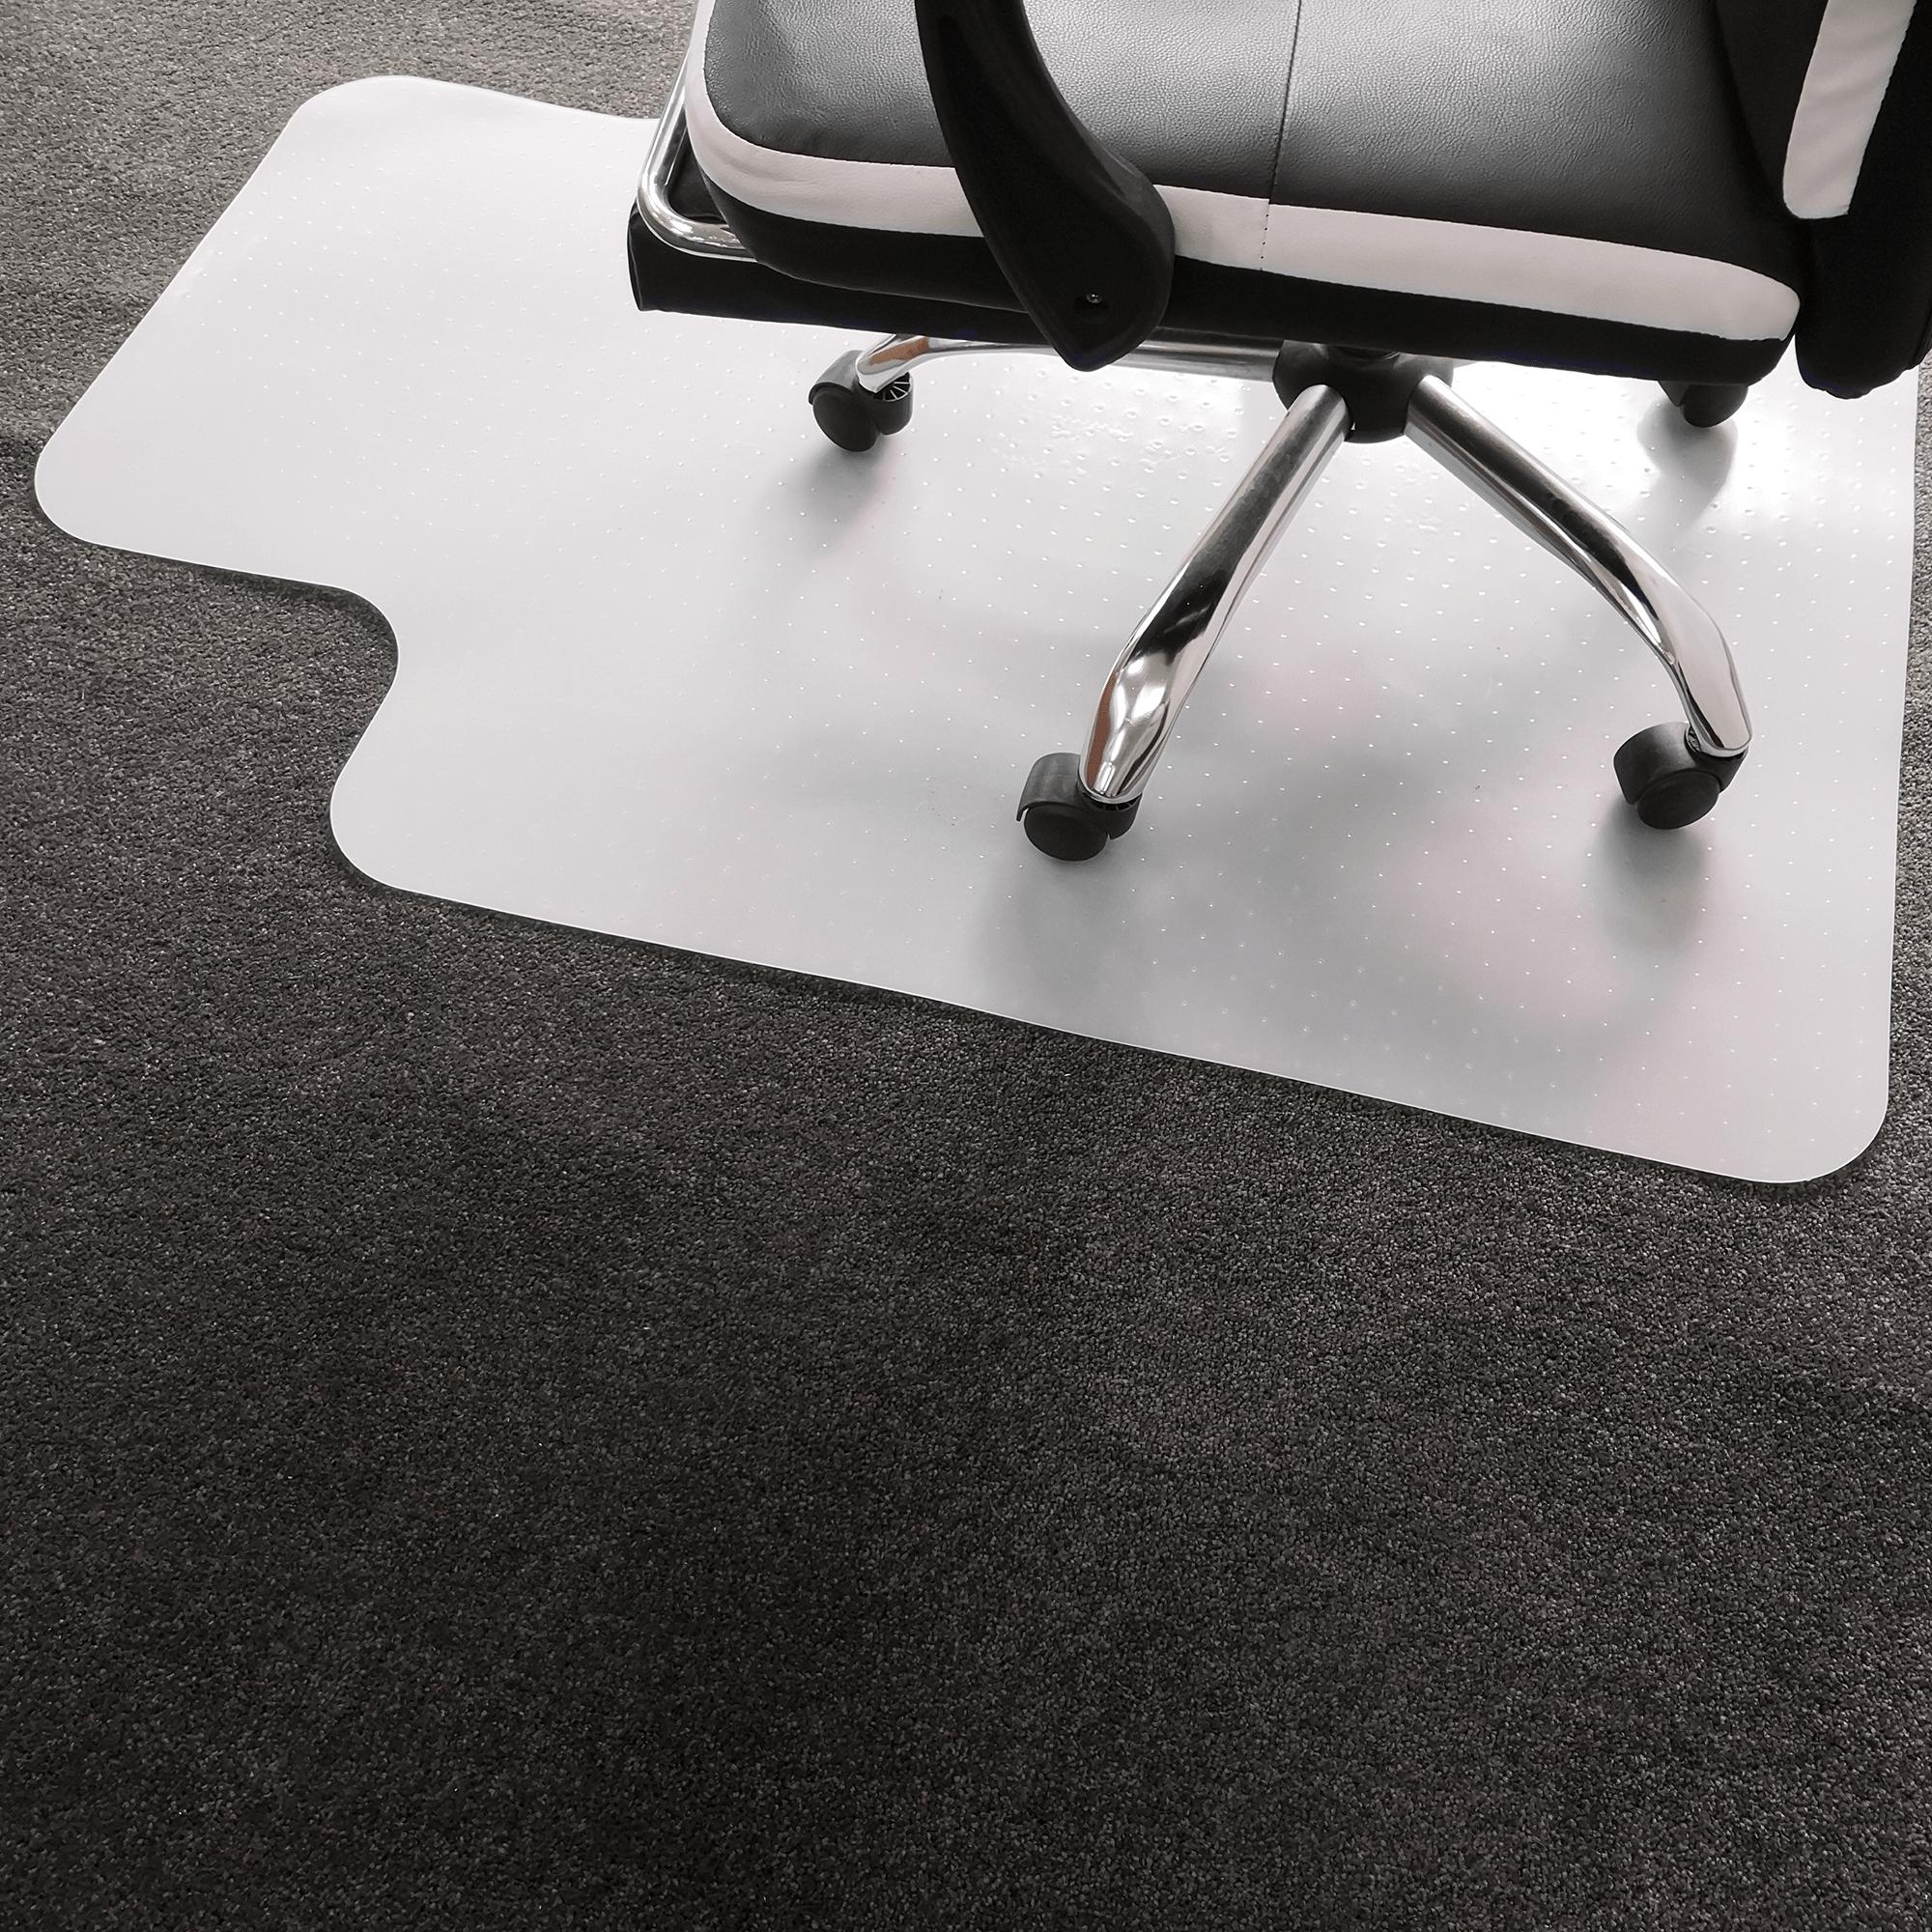 Ochranná podložka pod stoličku